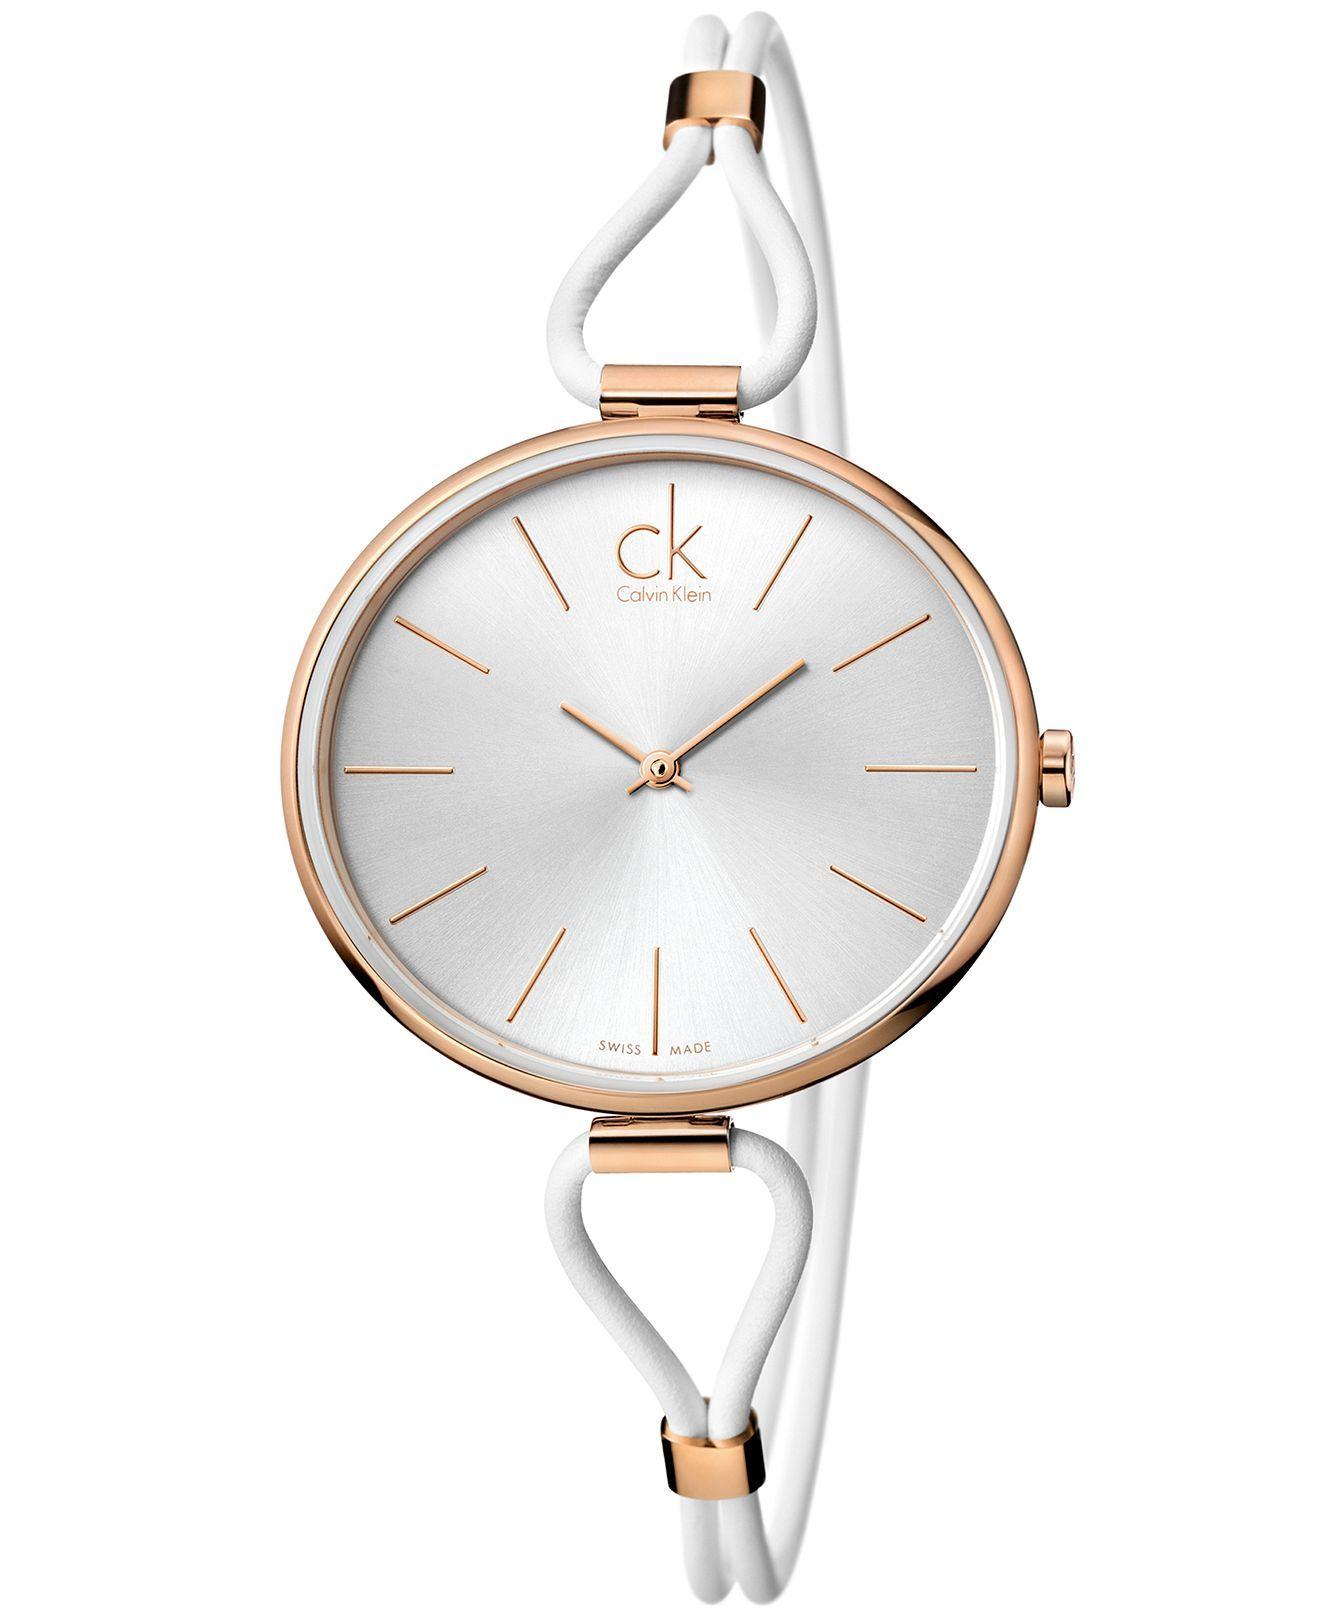 8d7aceba0b3 ck Calvin Klein Watch